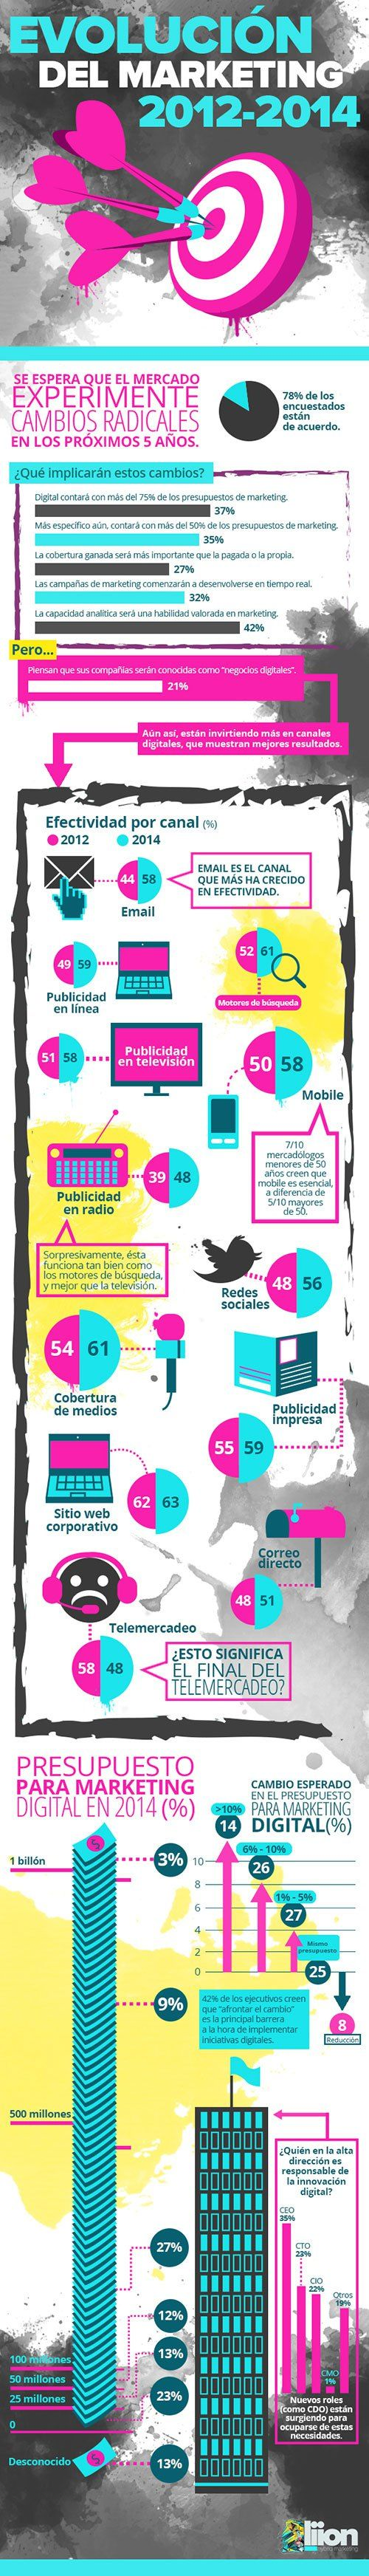 Evolución del marketing 2012-2014